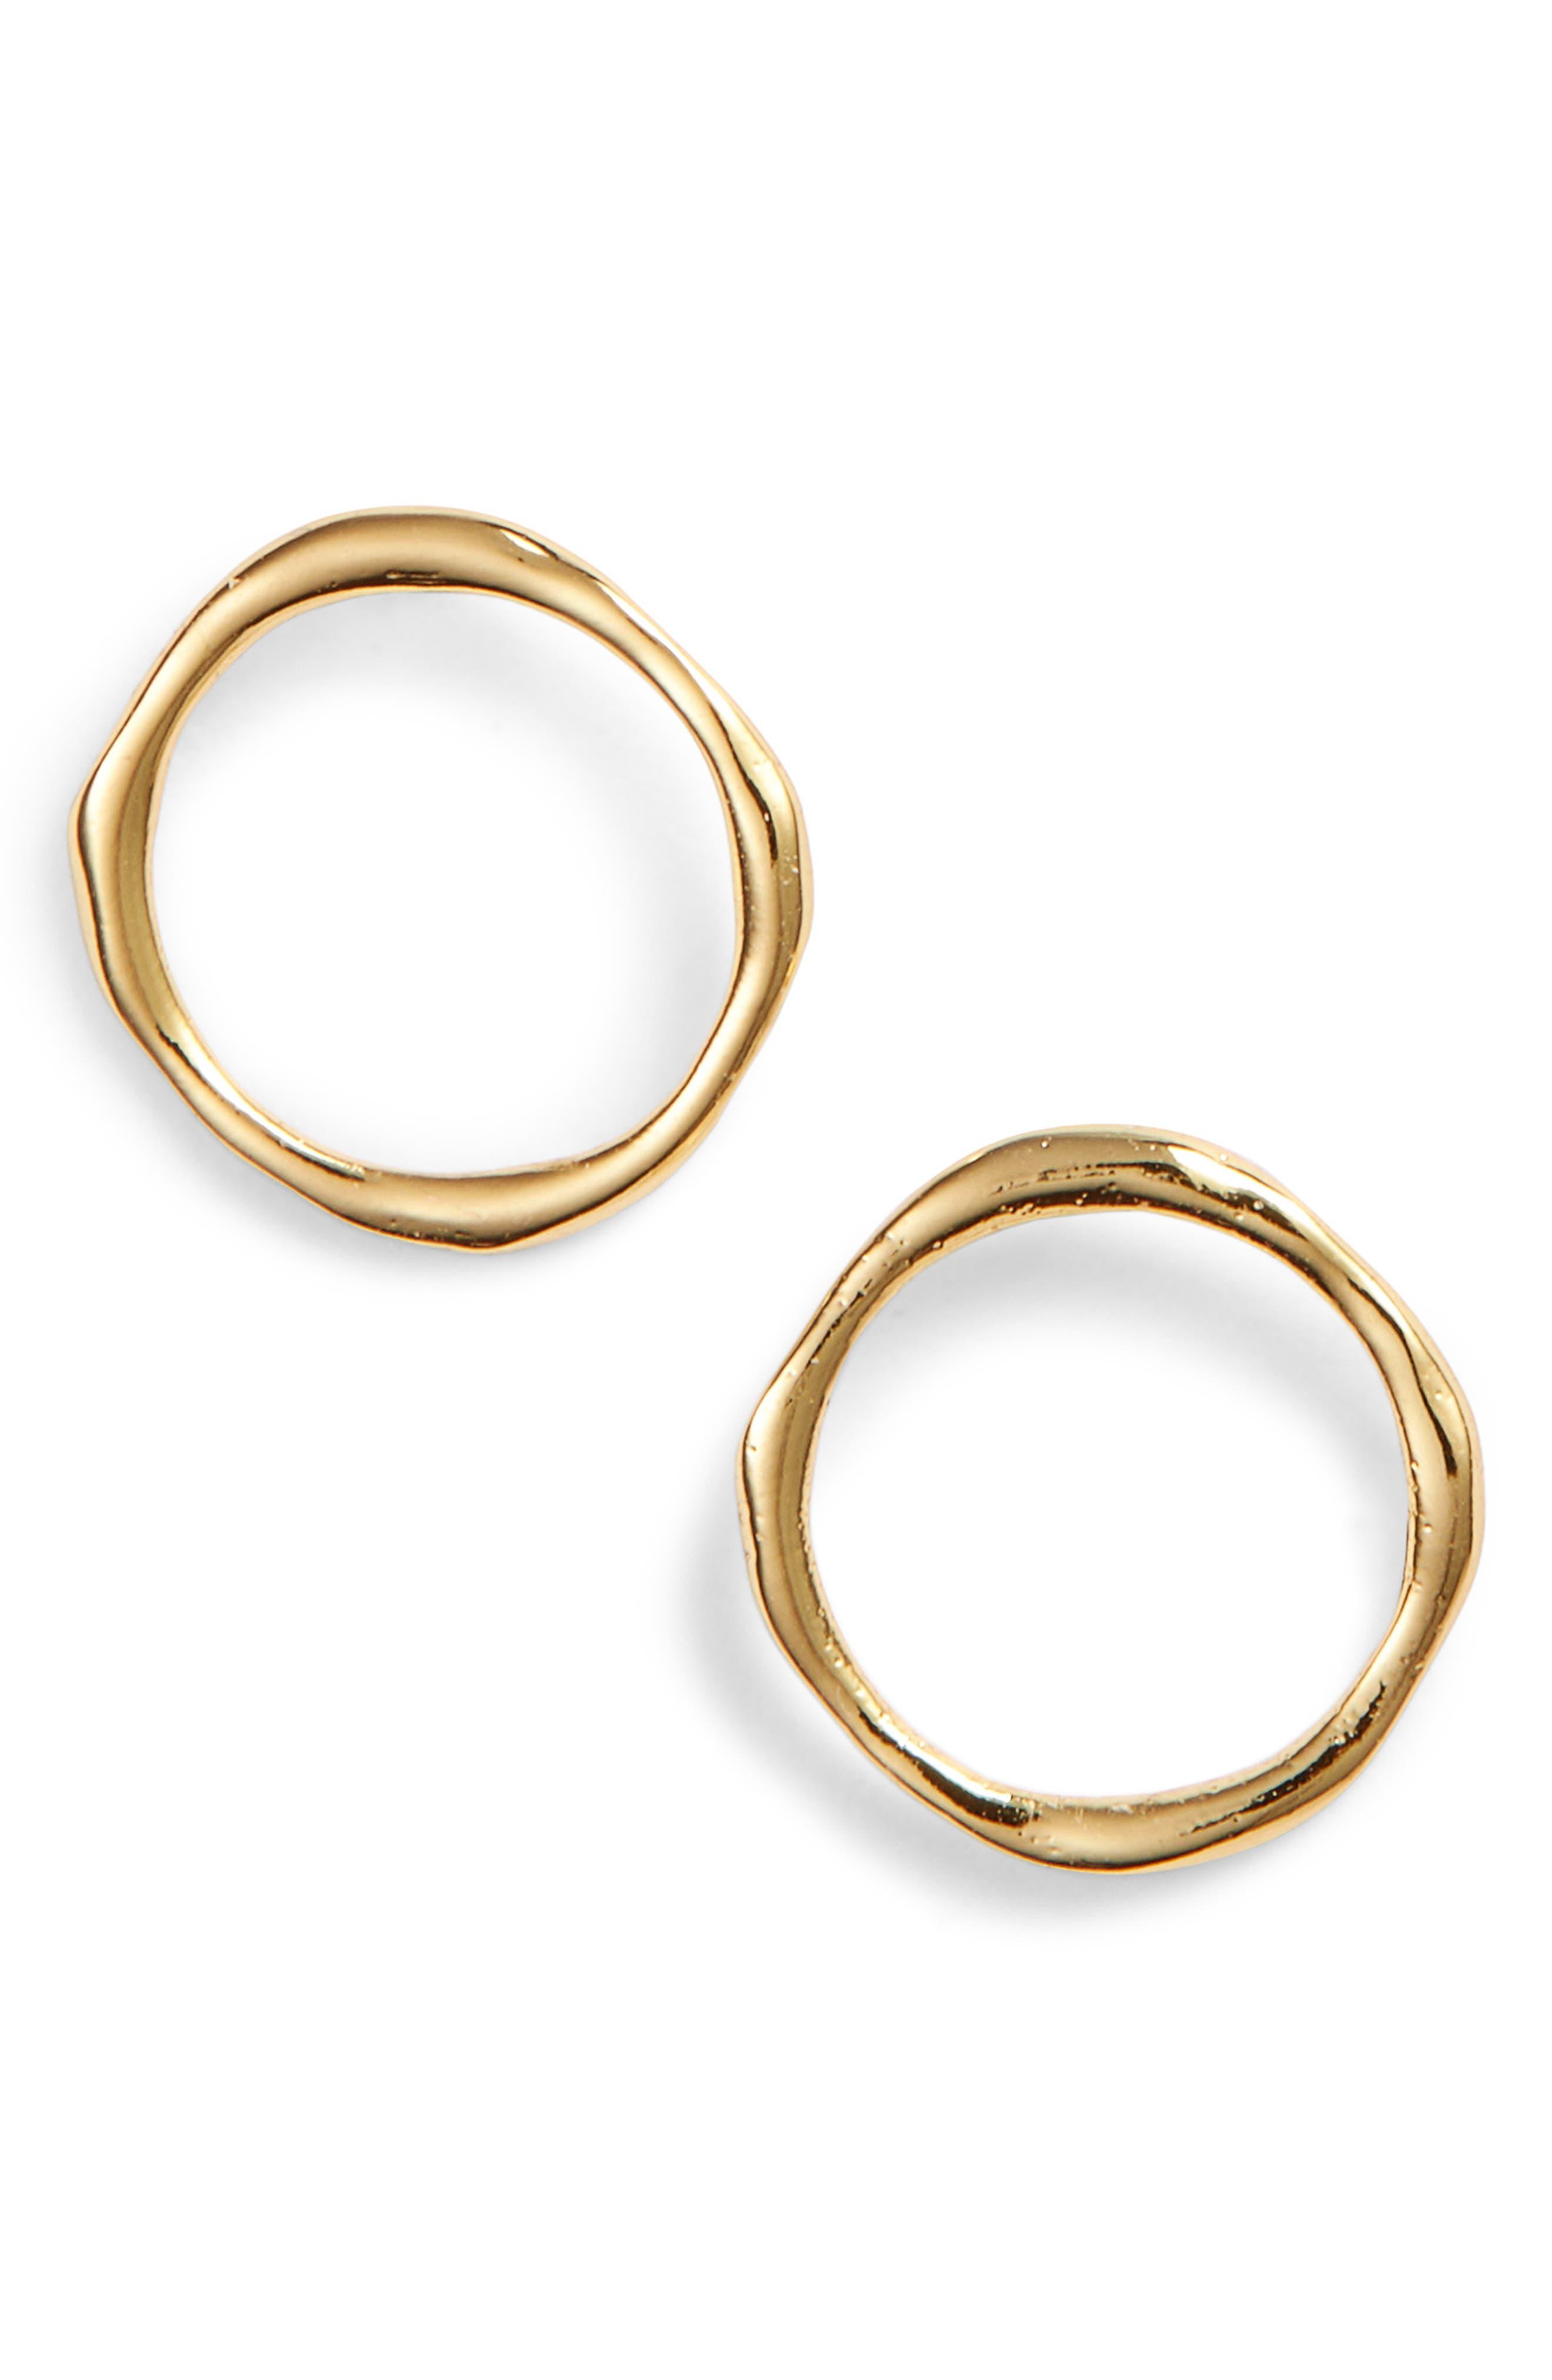 GORJANA Quinn Delicate Stud Earrings, Main, color, GOLD